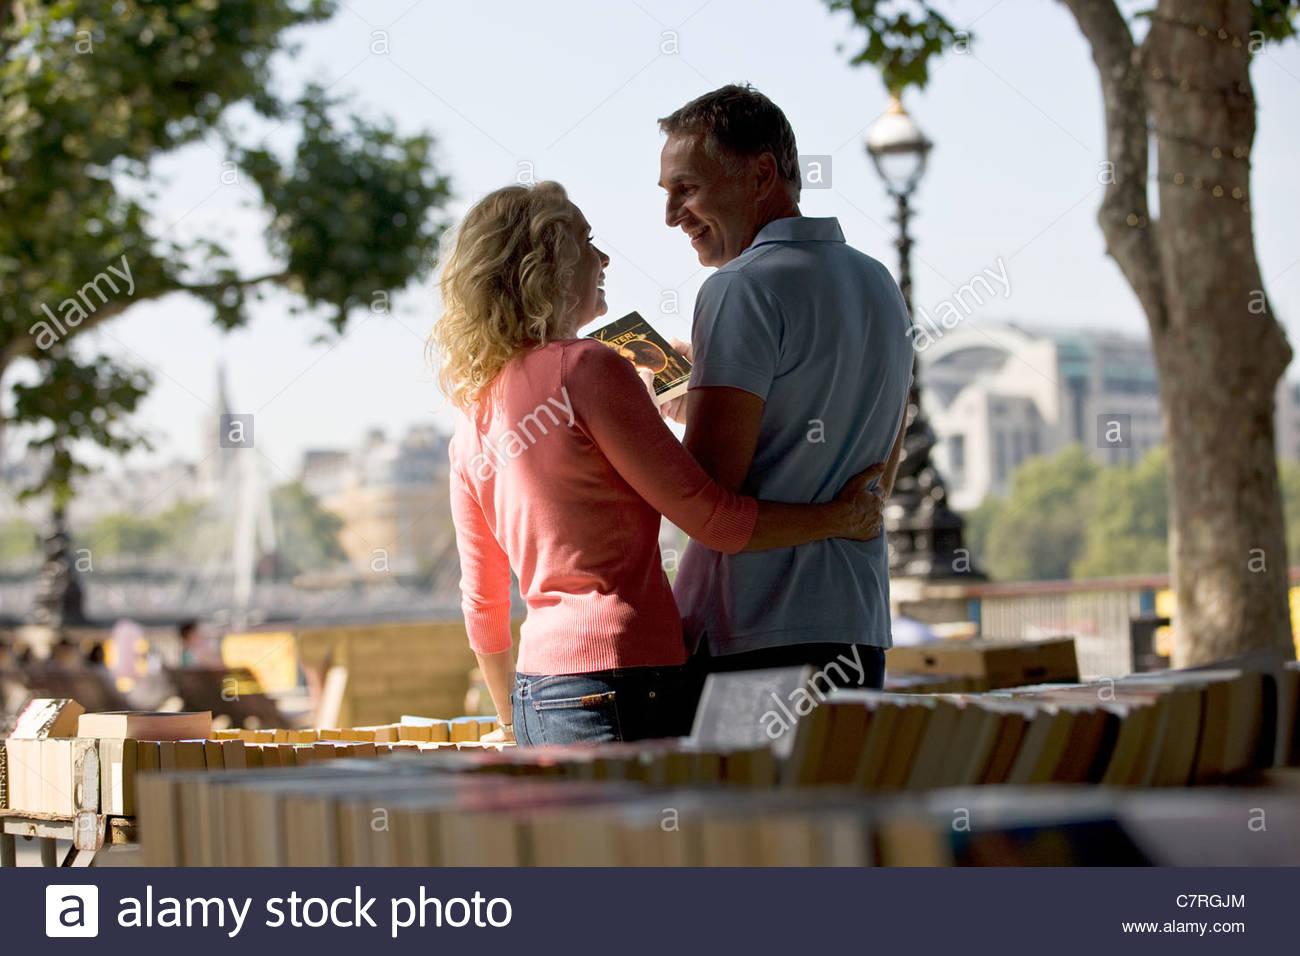 Una coppia di mezz'età guardando i libri ad un libro in stallo Immagini Stock